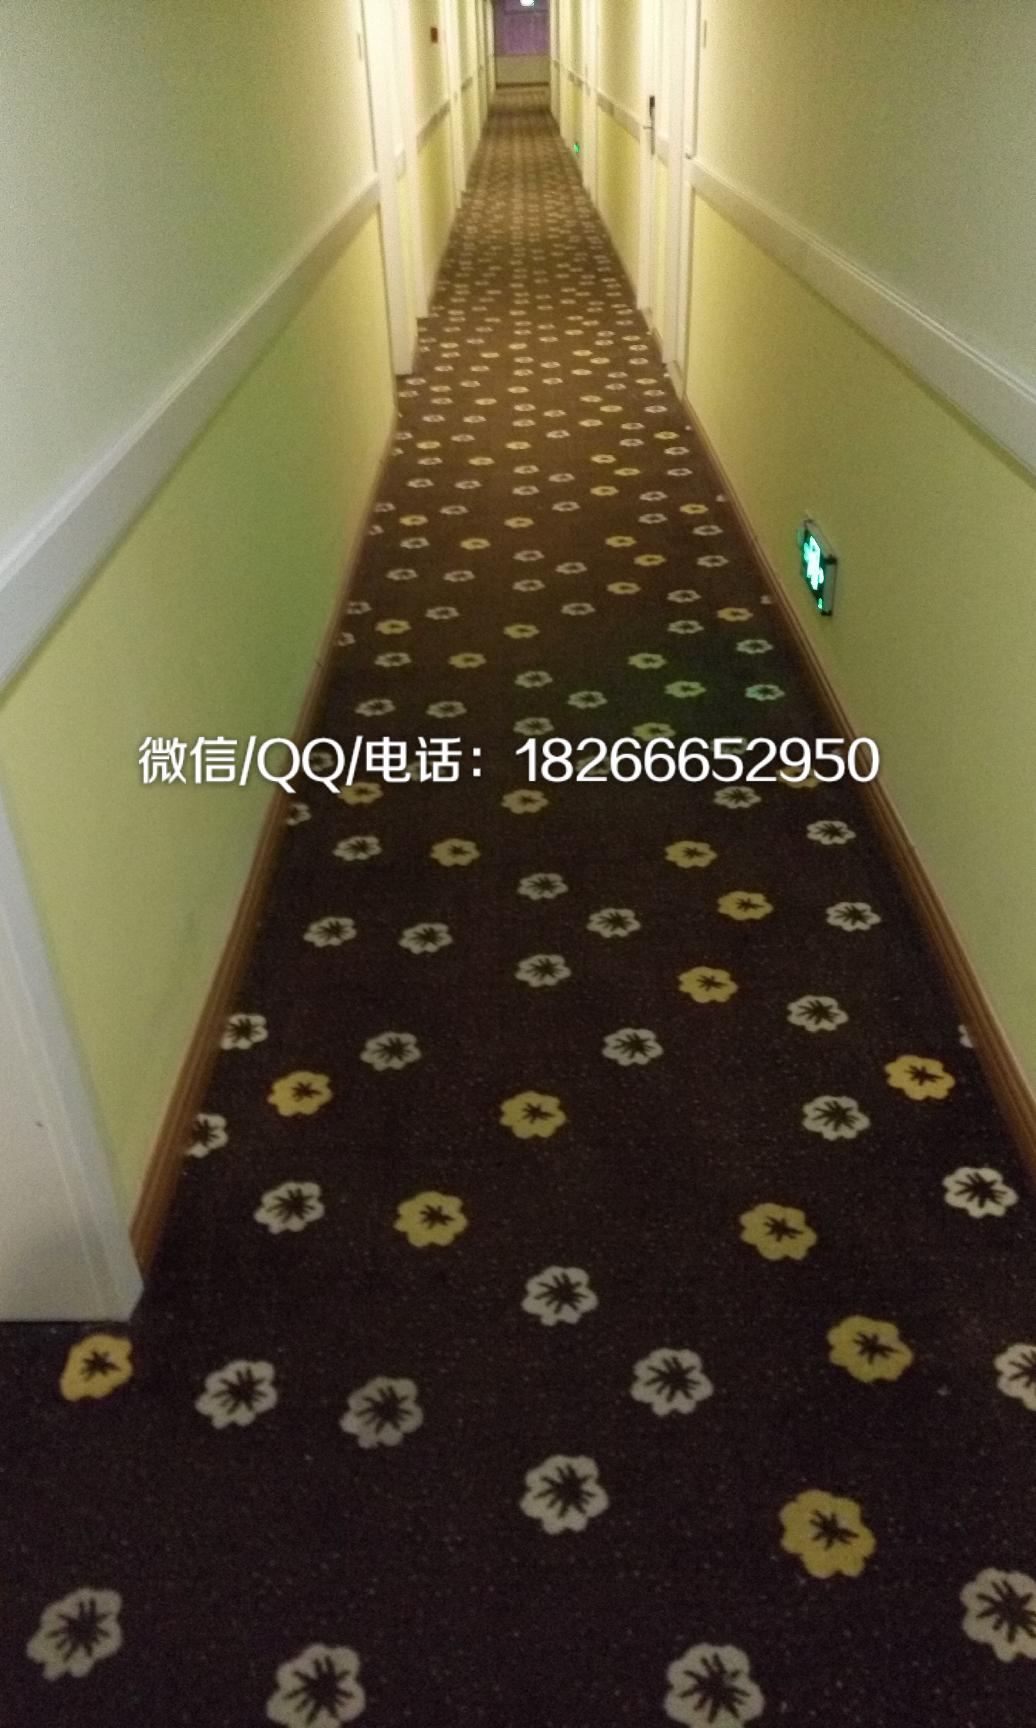 > 青岛地毯展示店